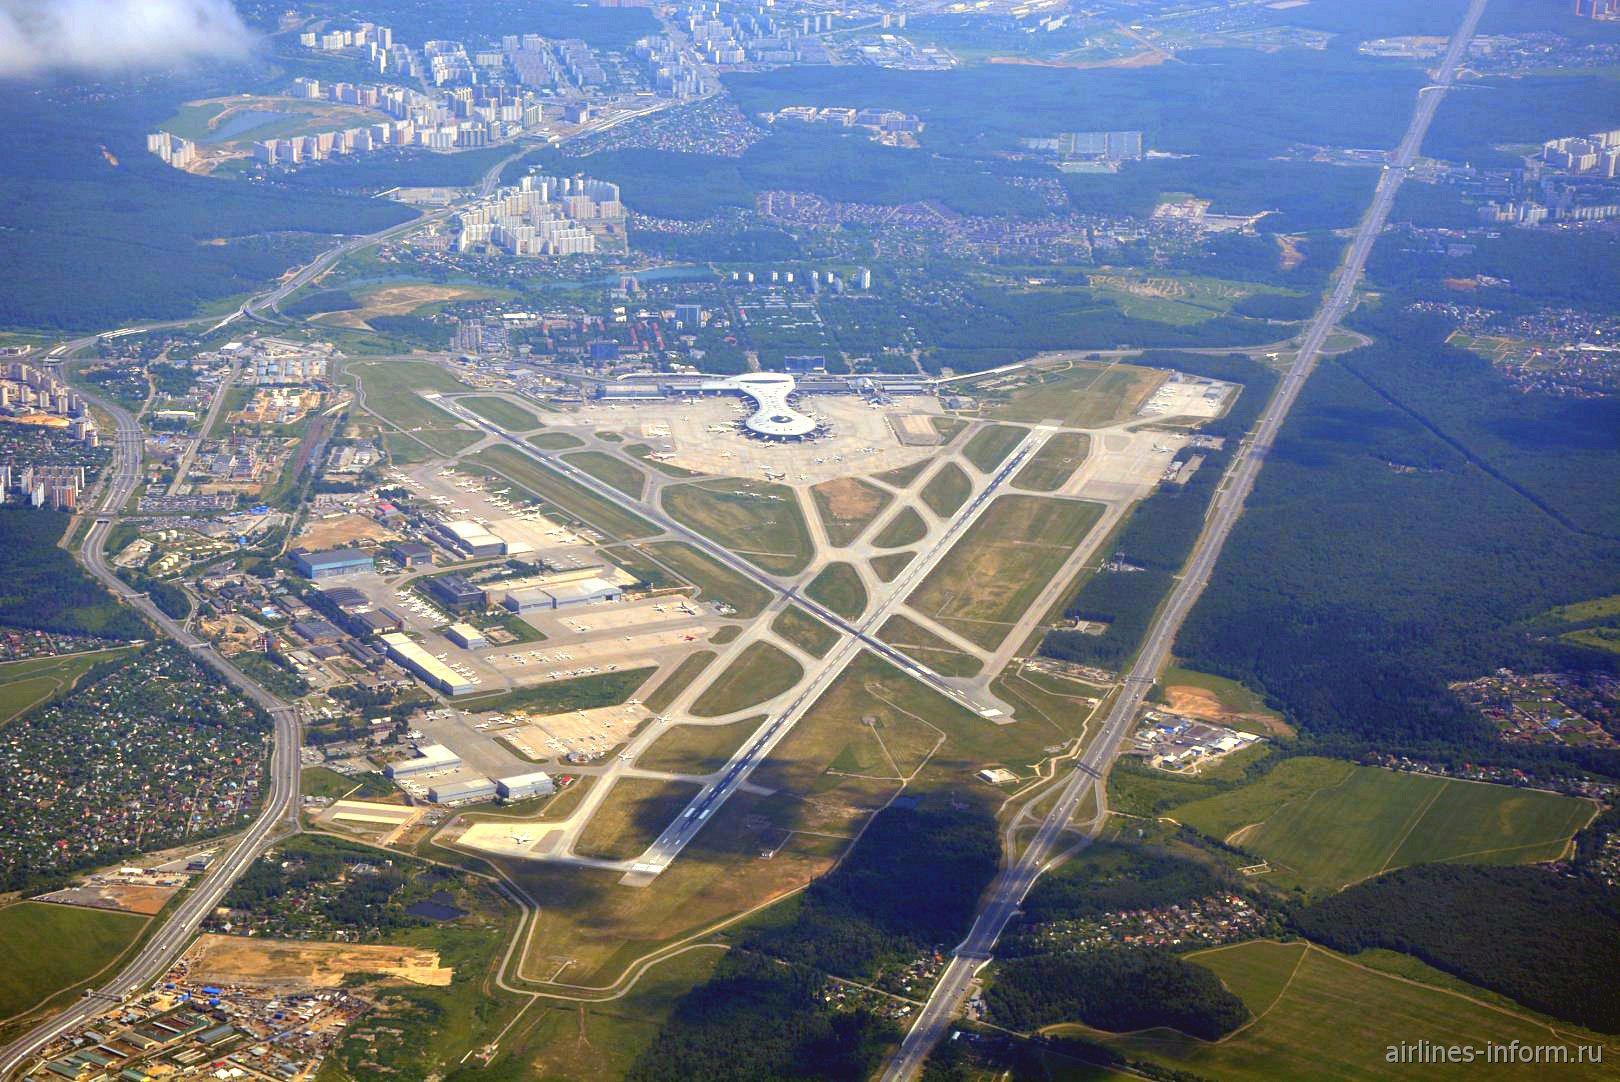 Вид сверху на аэропорт Москва Внуково после взлета